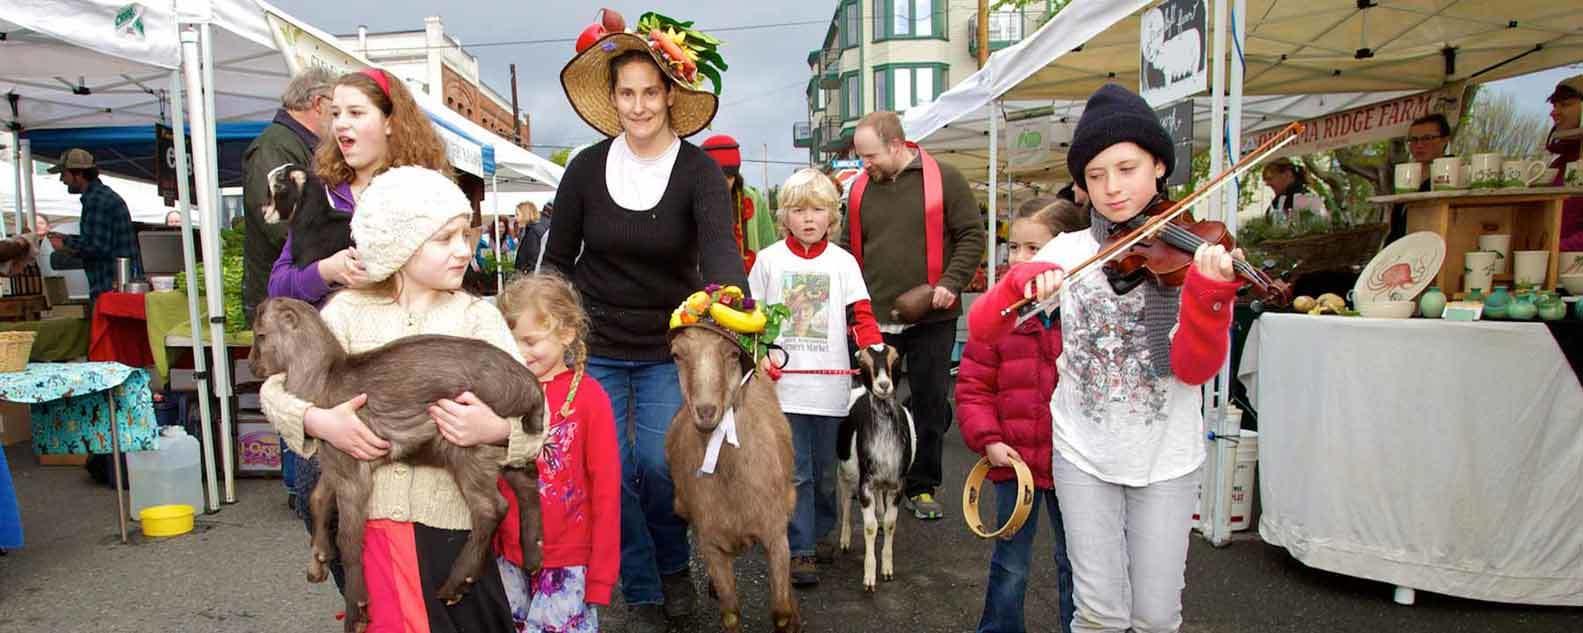 farmers-market-by-steve-mullensky